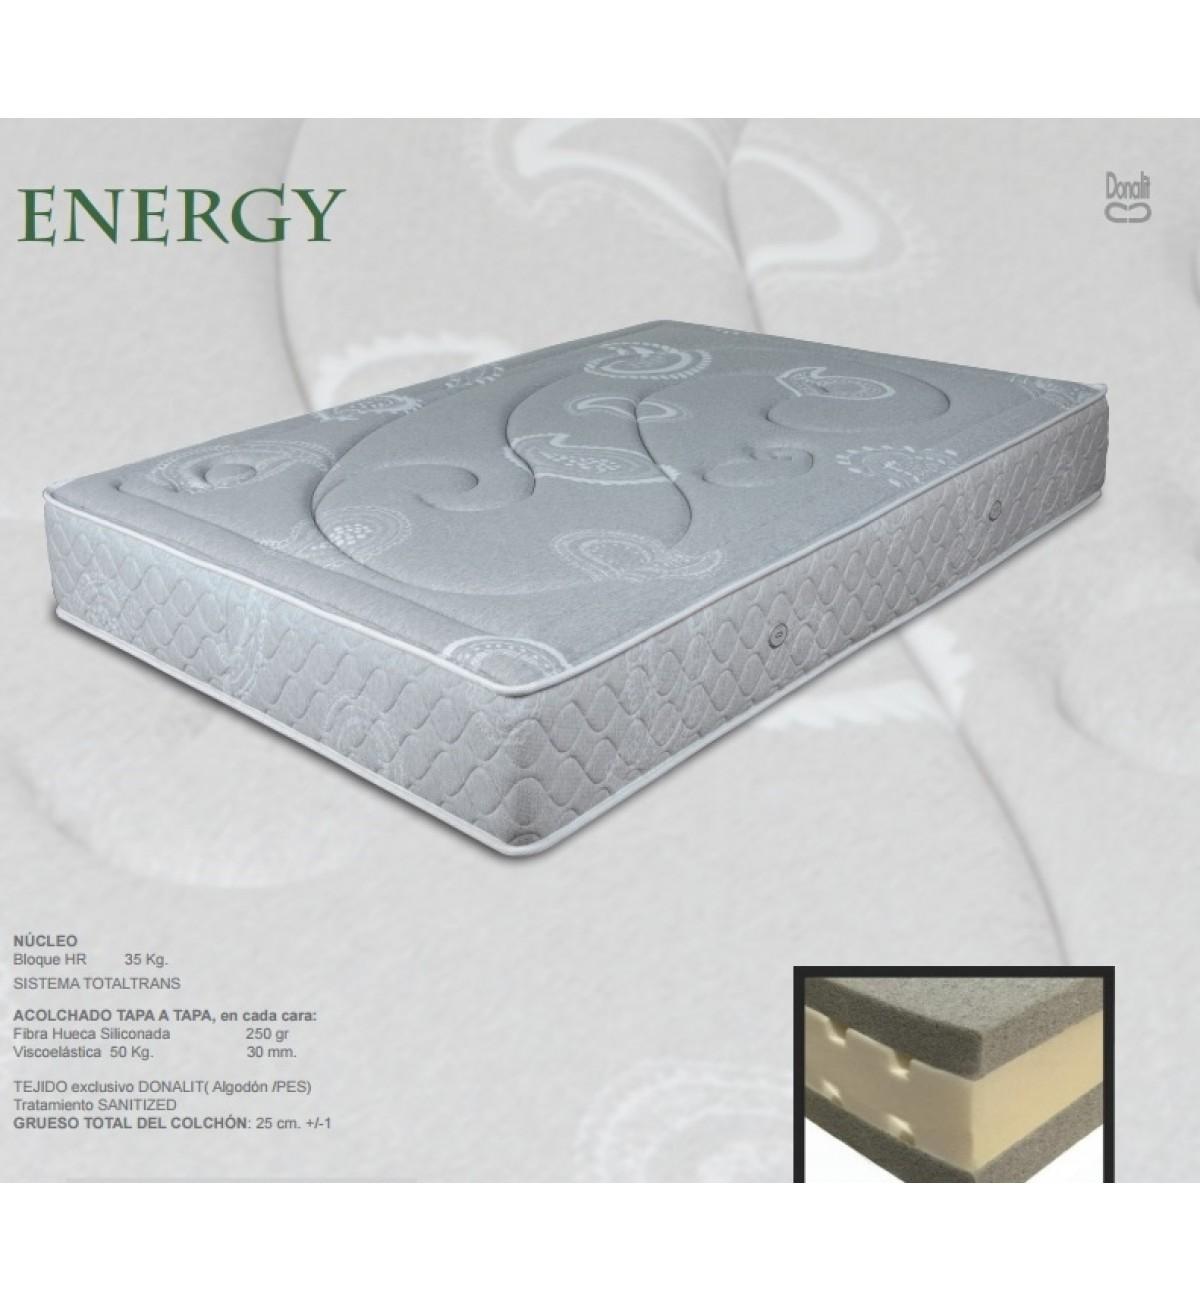 Colchón de viscoelástica por ambas caras Energy de Donalit